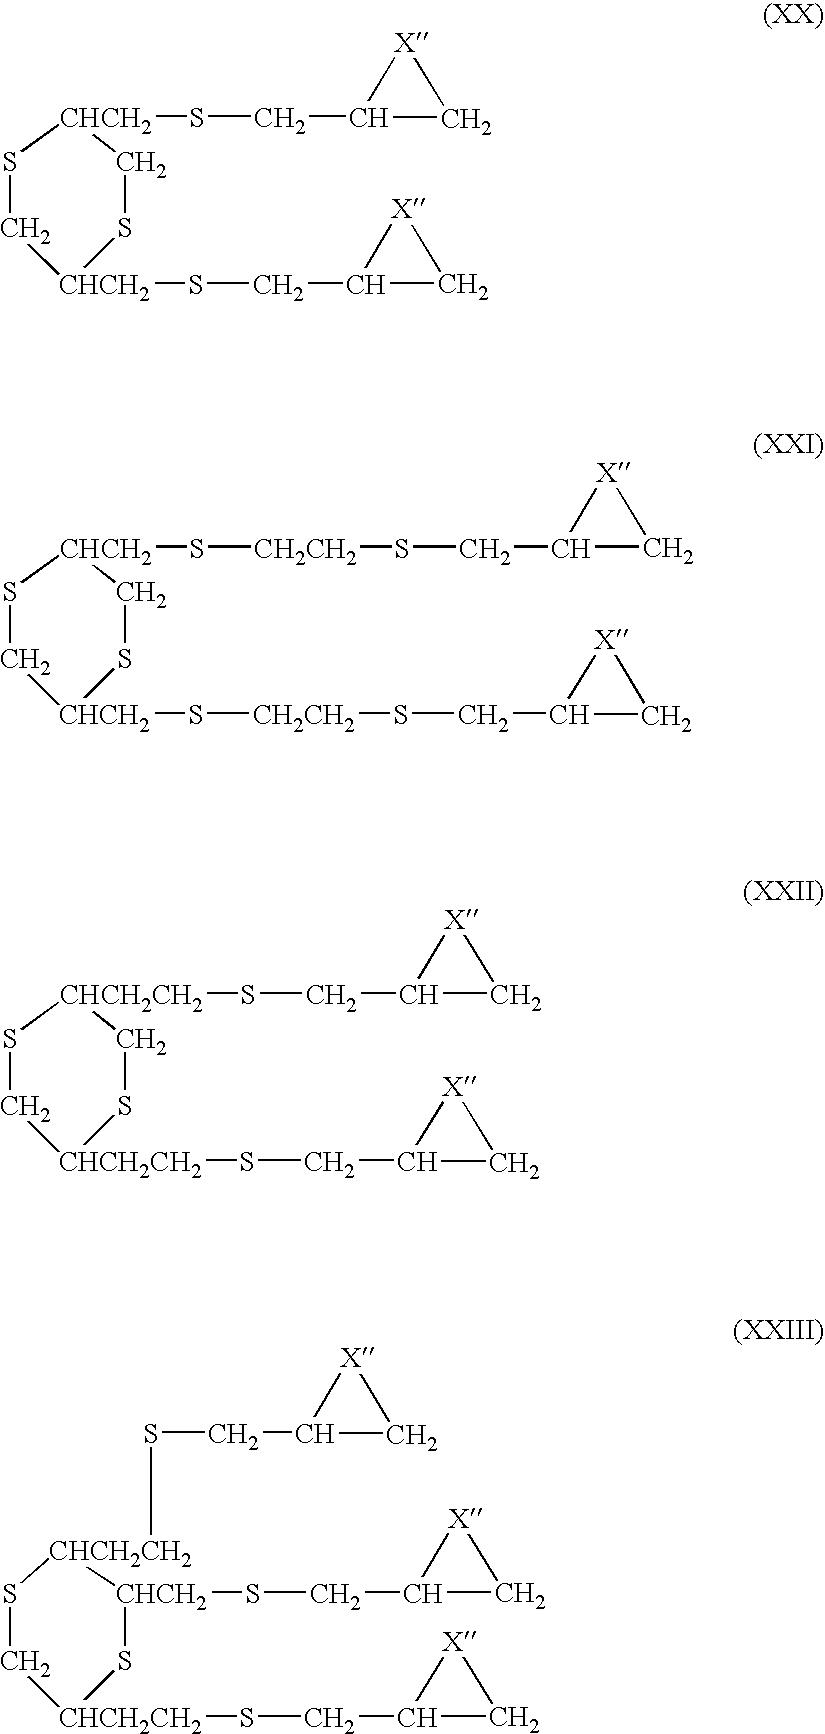 Figure US07553925-20090630-C00016